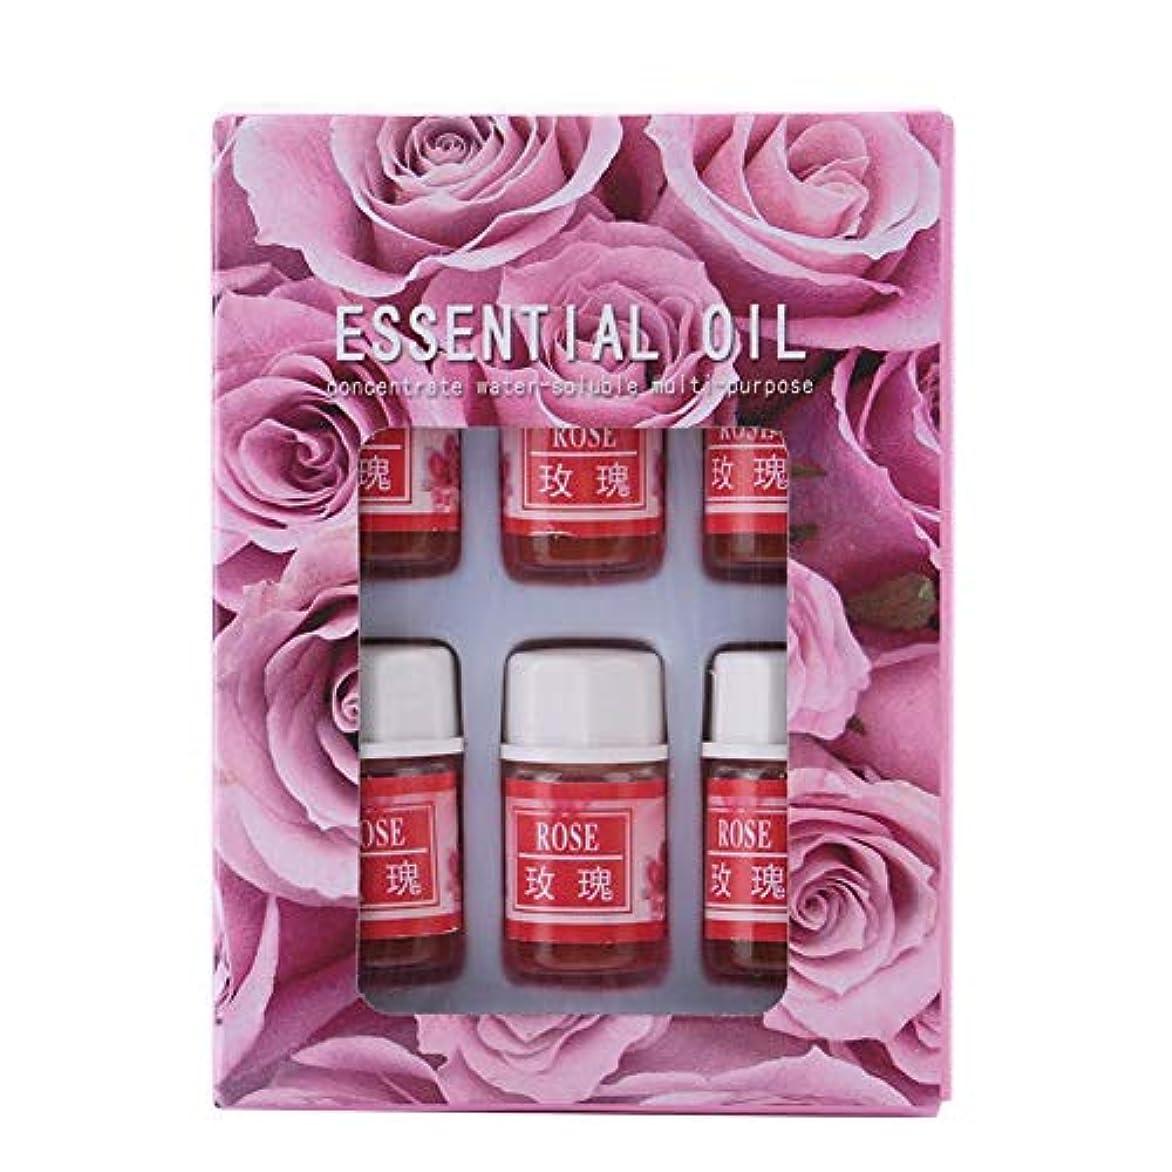 ポスター専門知識期待6個 3ML 天然香料 アロマセラピー 加湿器用 水溶性 エッセンシャルオイル 睡眠を改善します 良い香り(02)